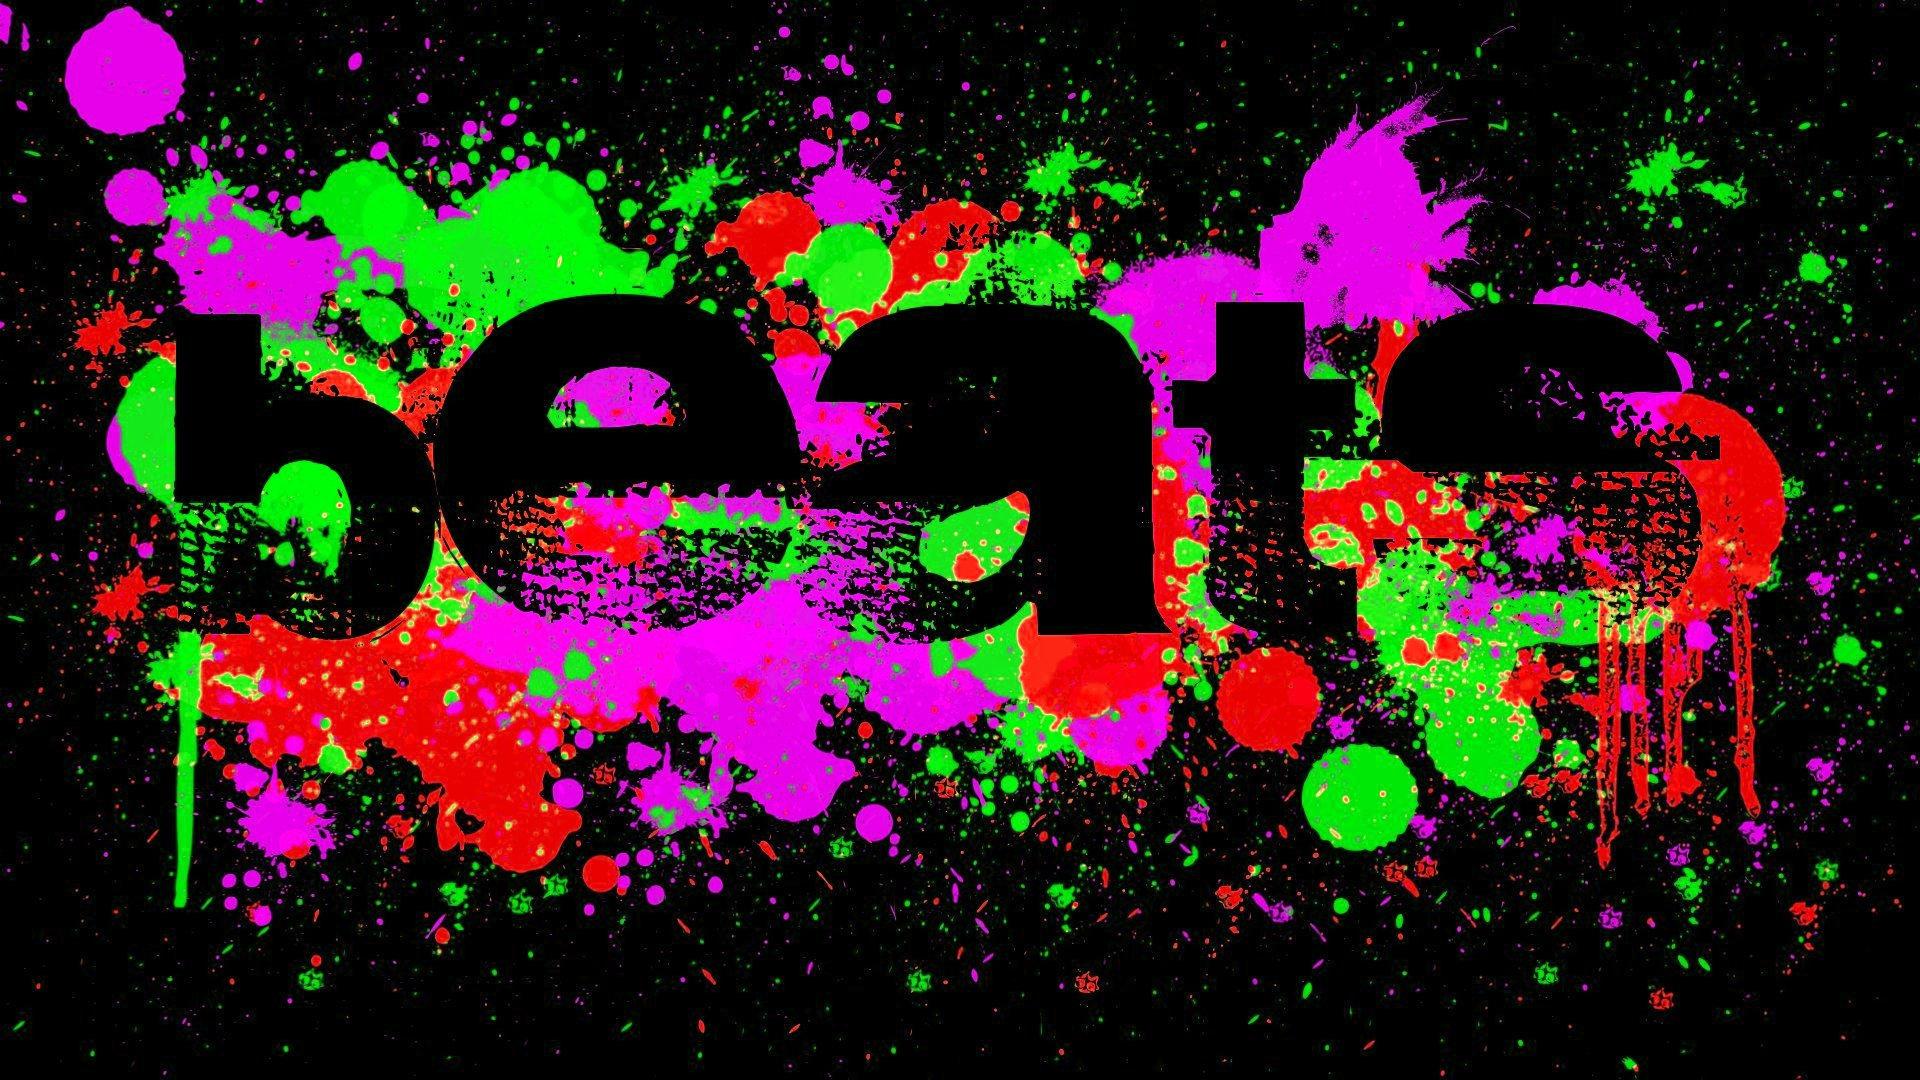 Beats Wallpaper Pack by Estivio on DeviantArt